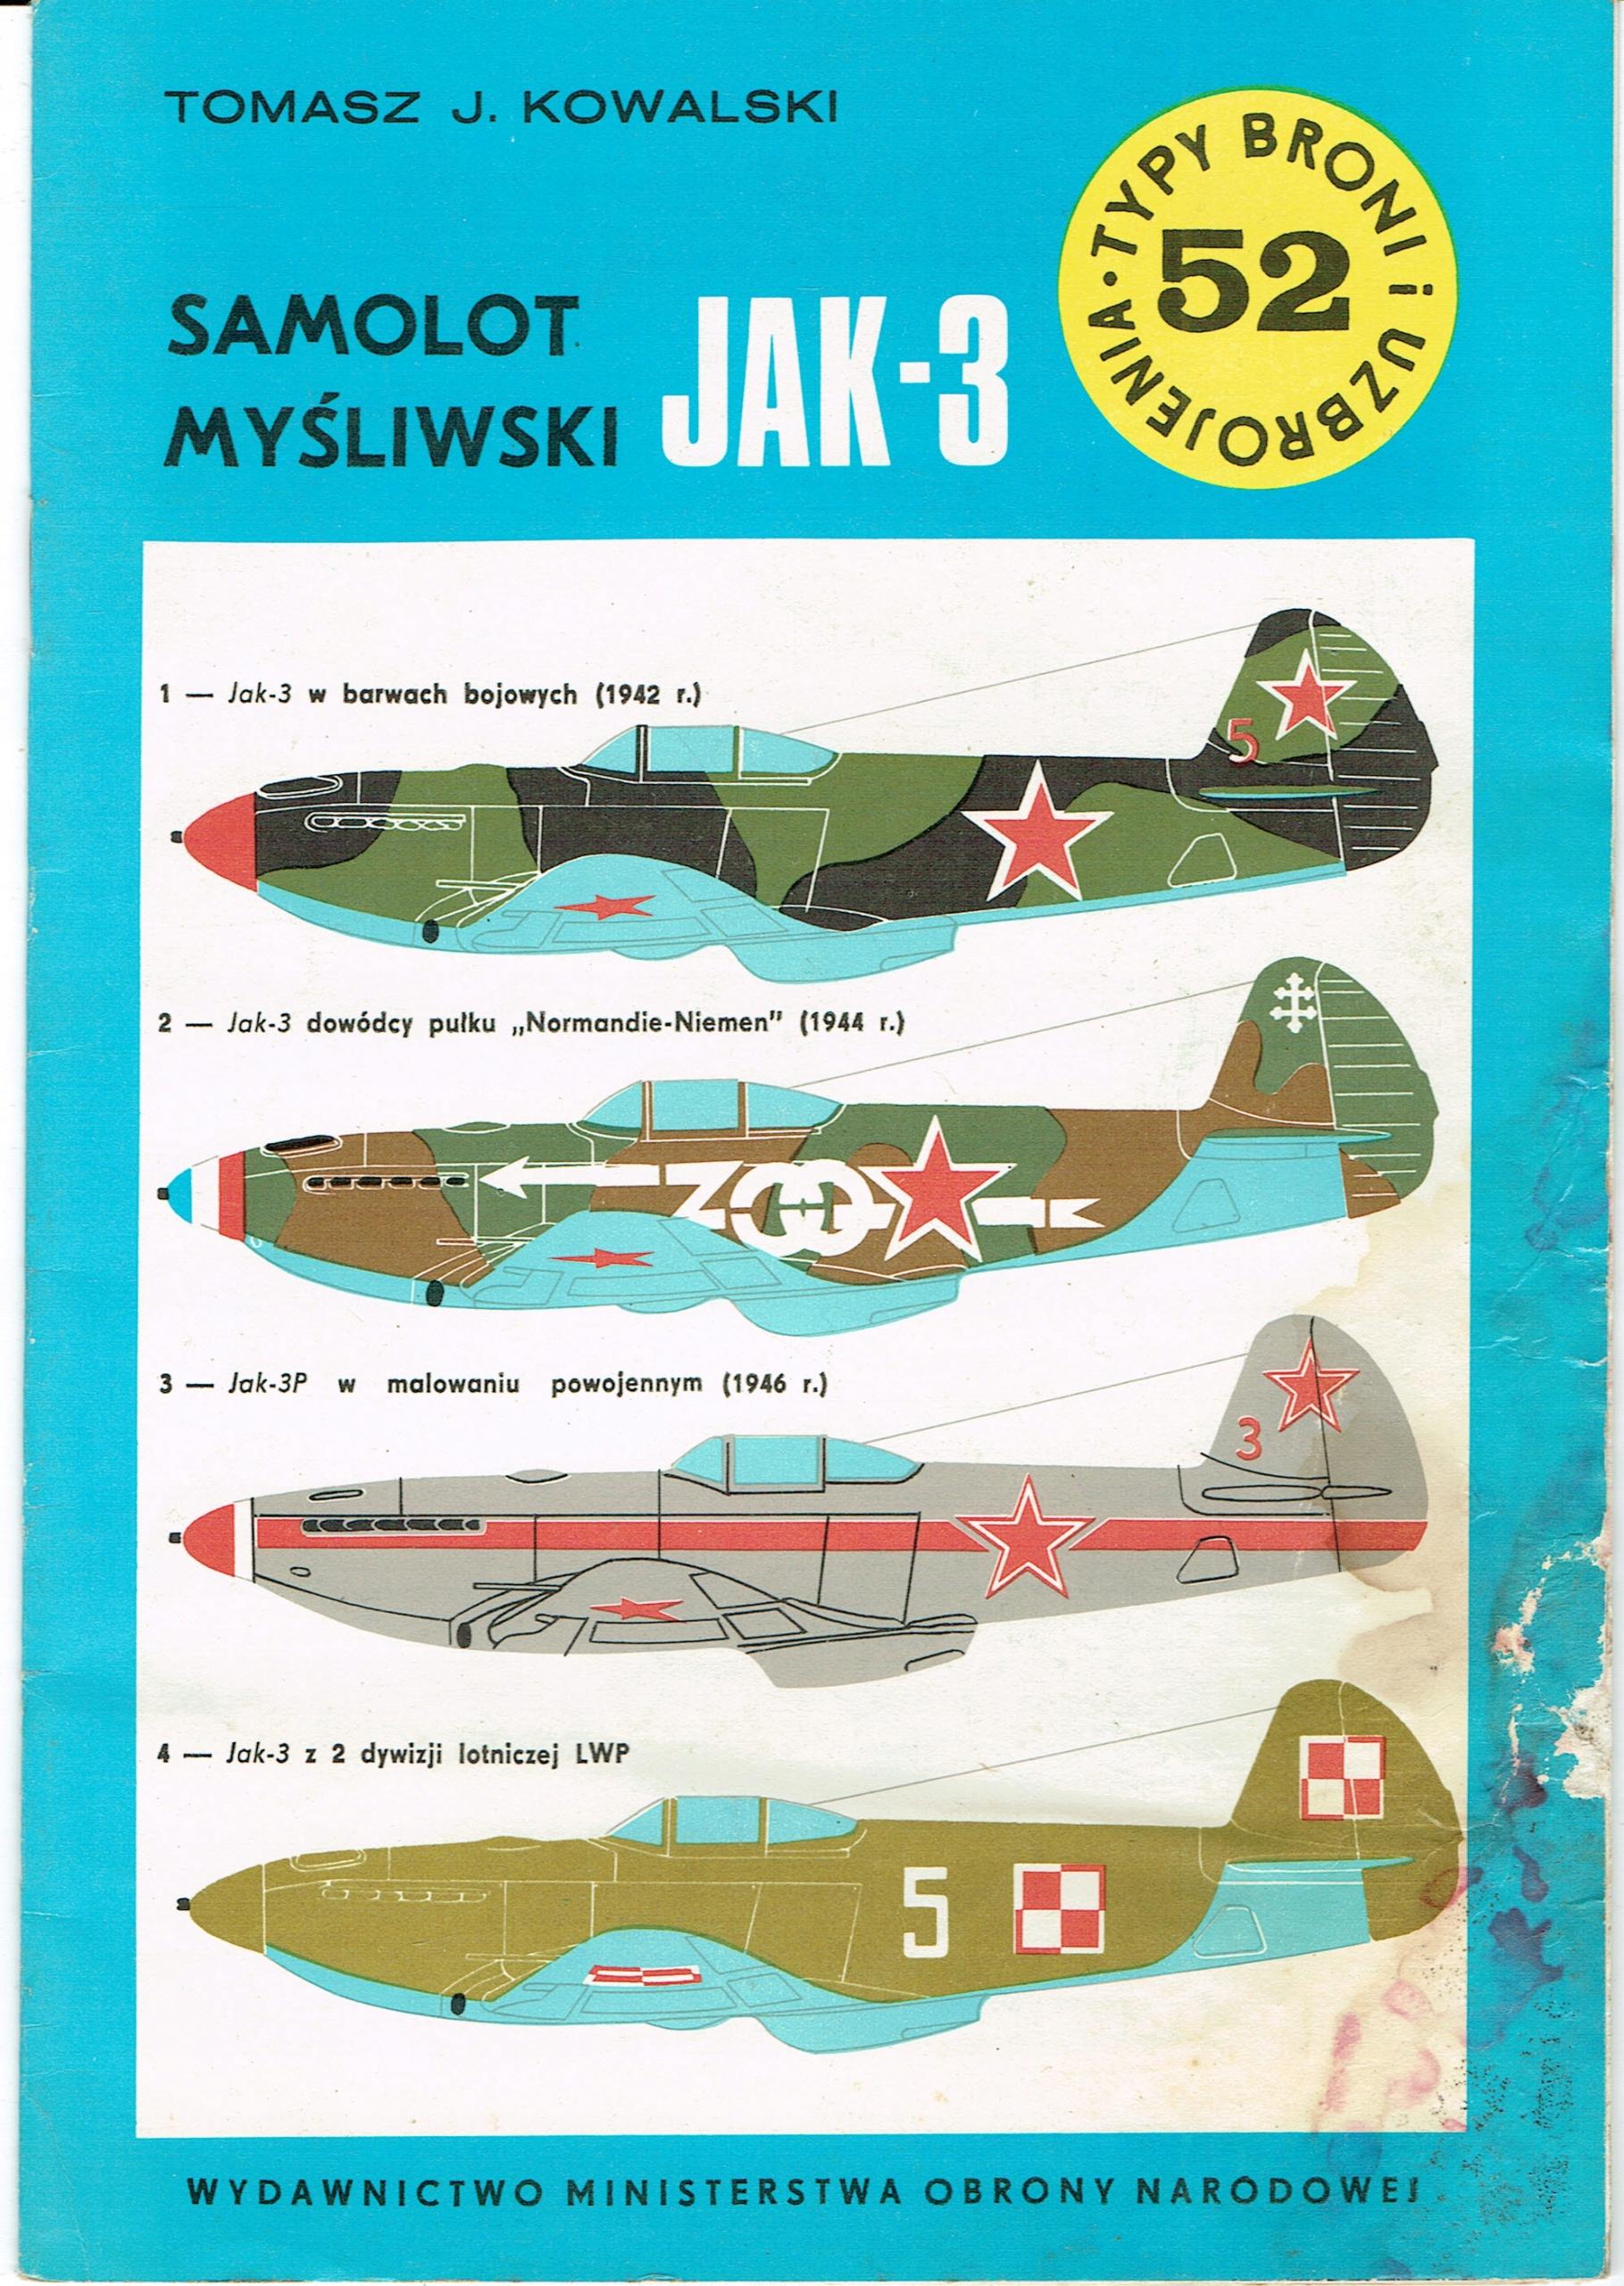 Samolot myśliwski Jak-3 Kowalski TBiU 52